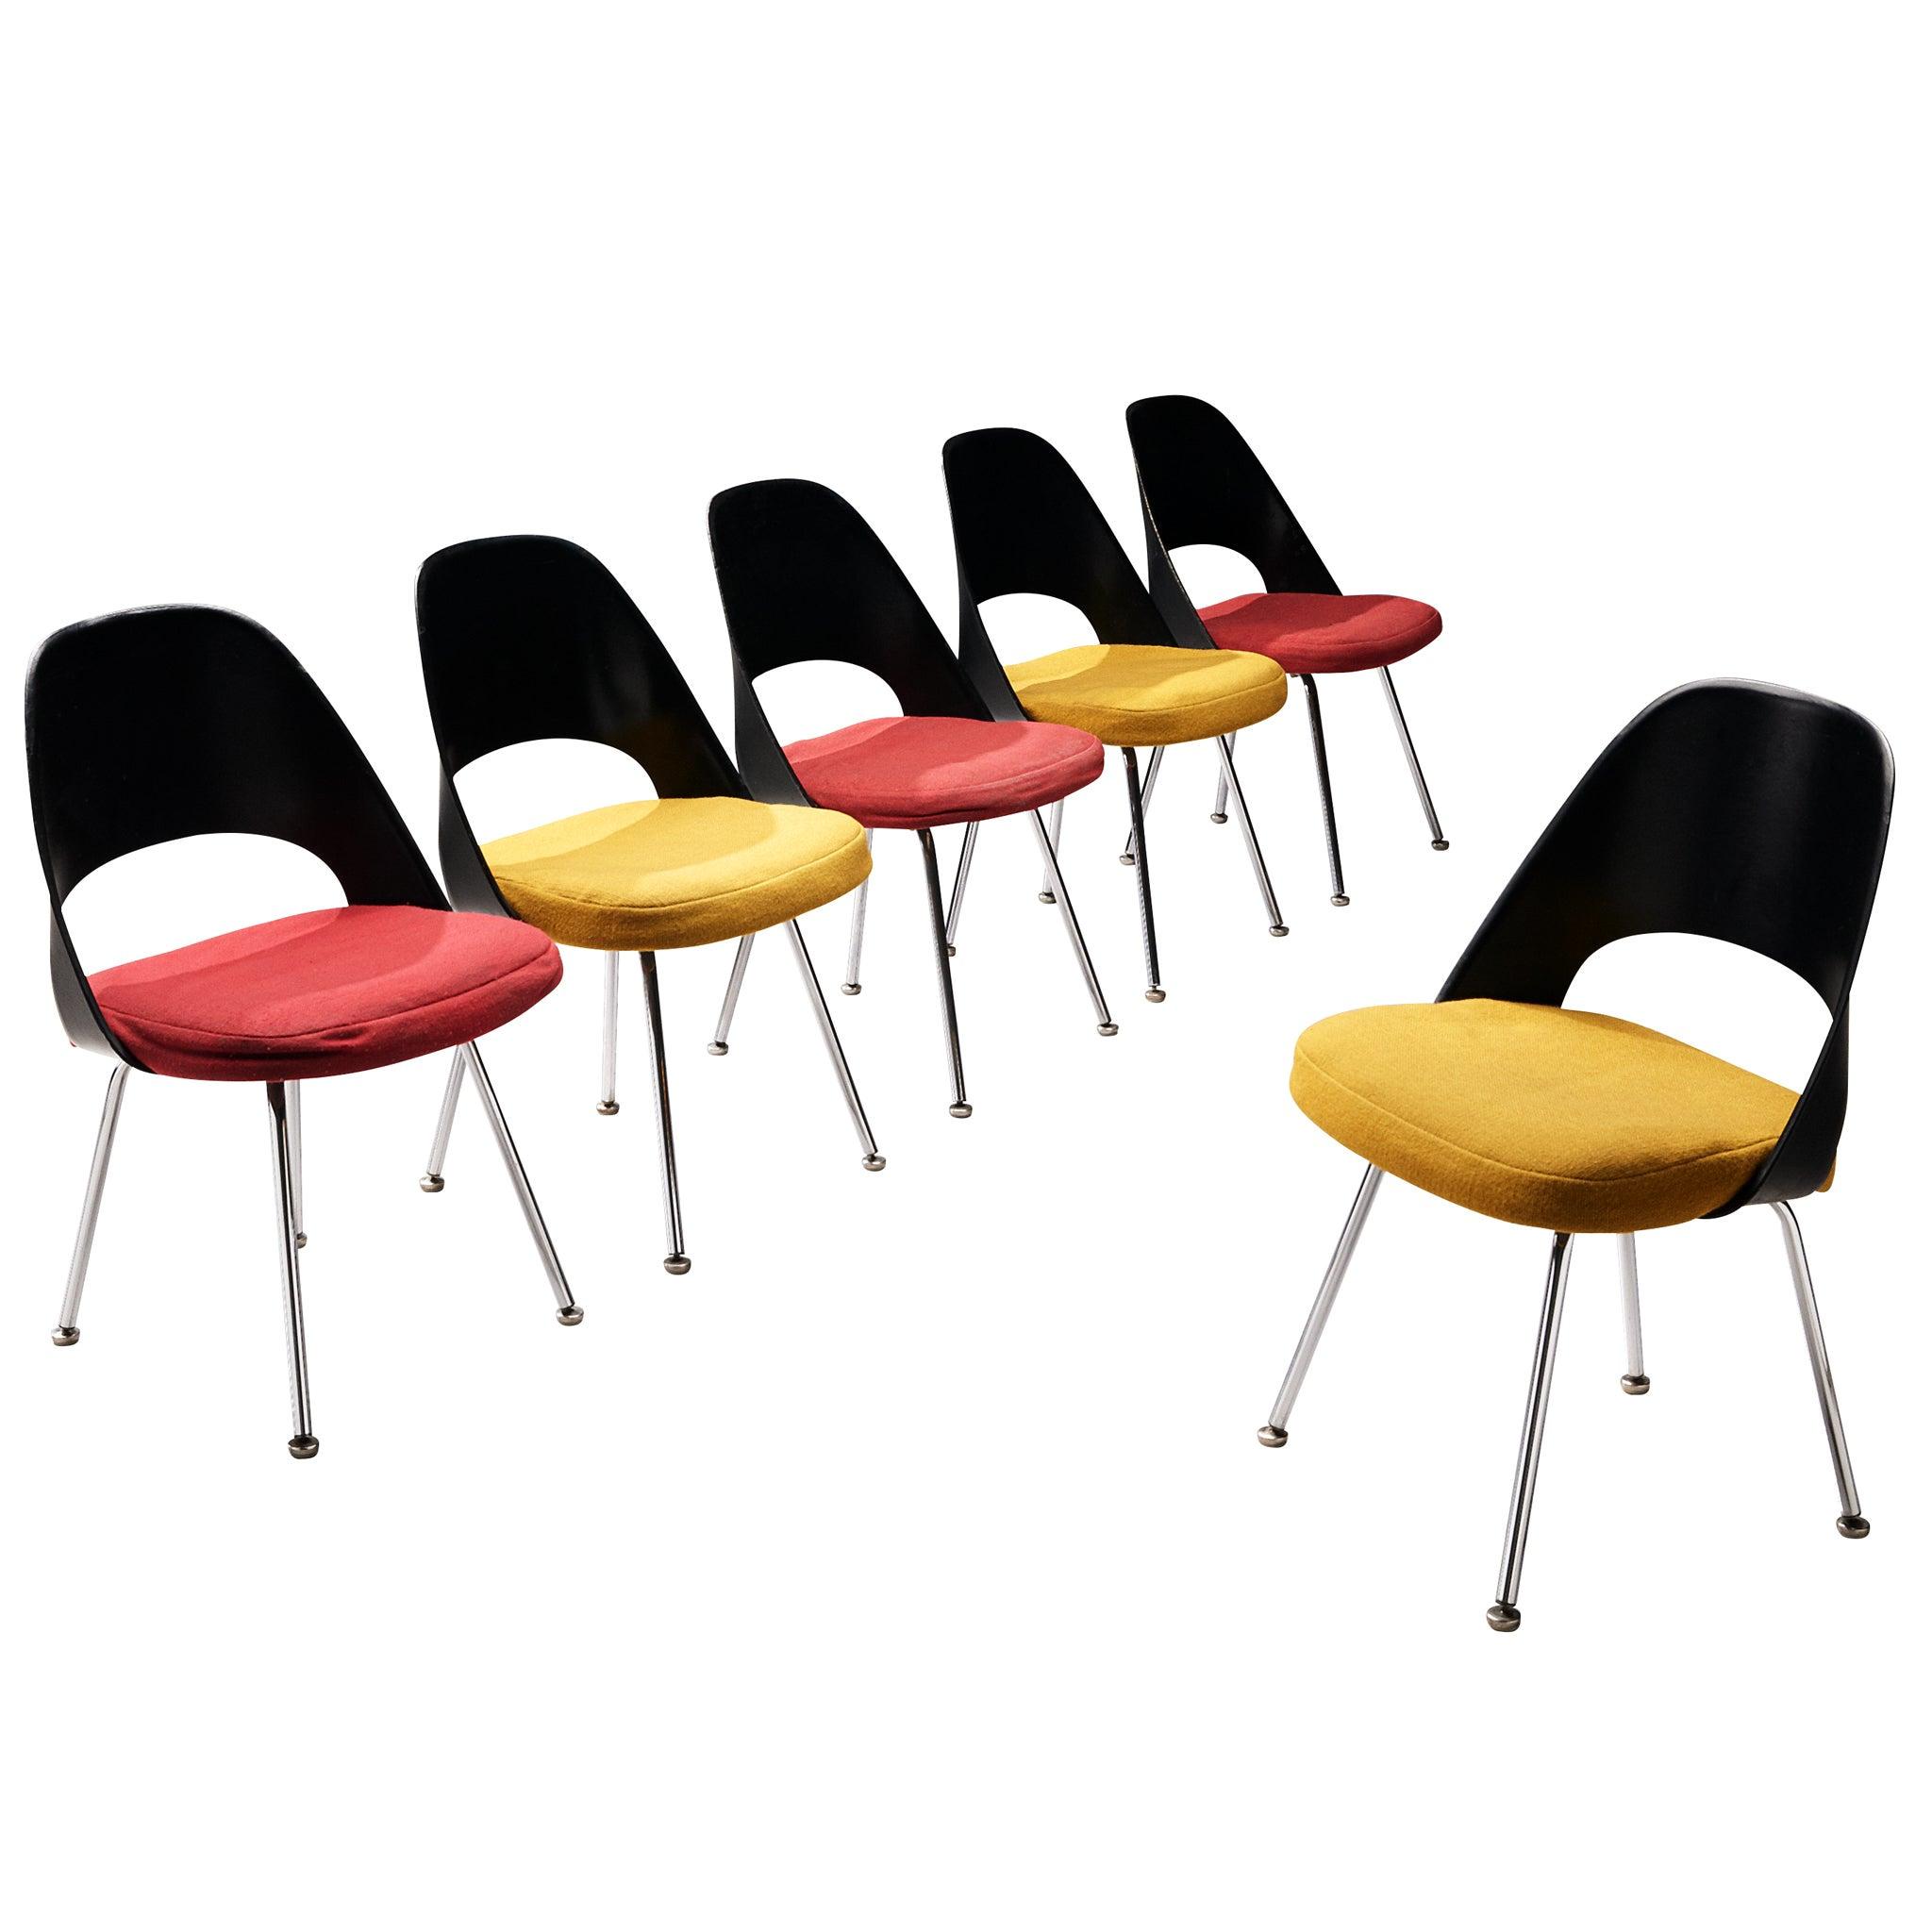 Eero Saarinen 'Model 72'  Dining Chairs